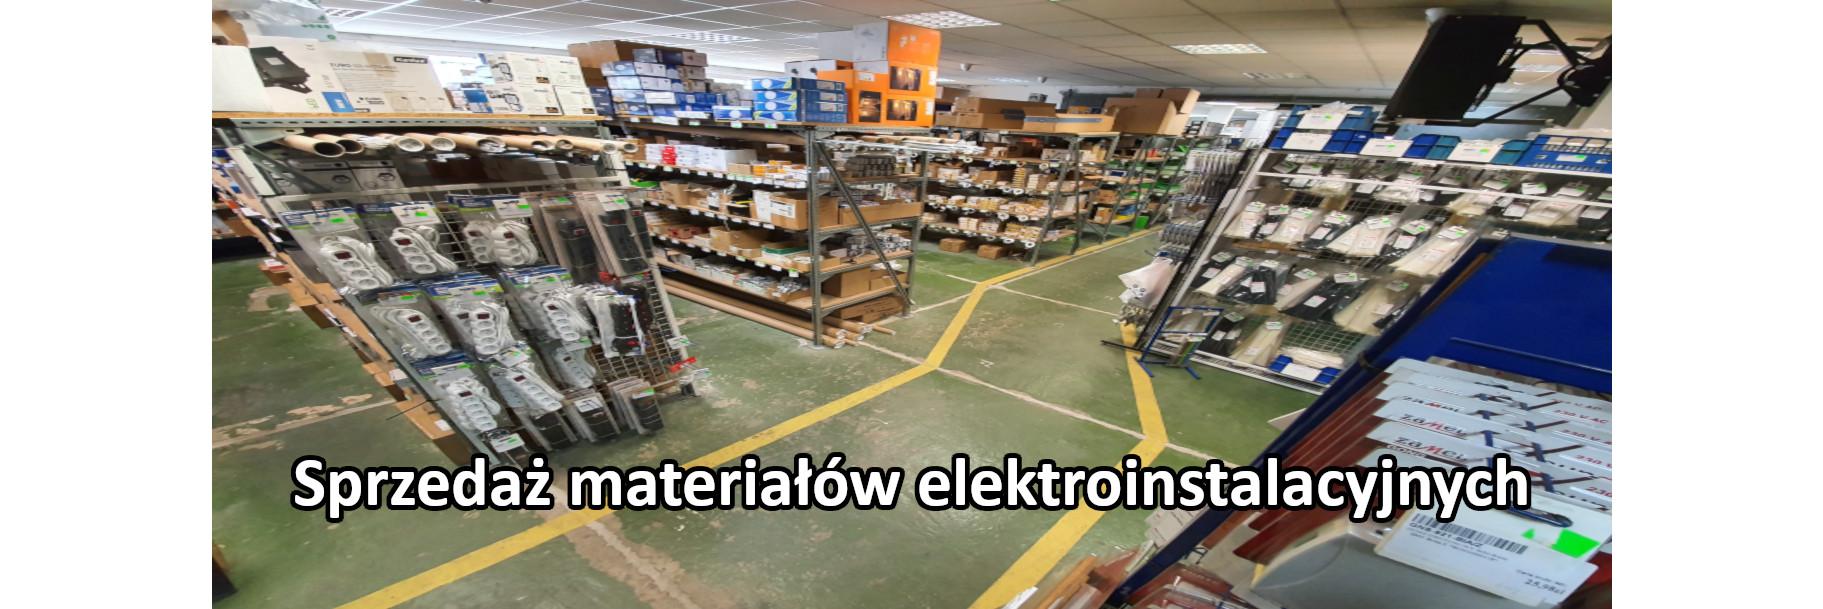 Materiały elektroinstalacyjne